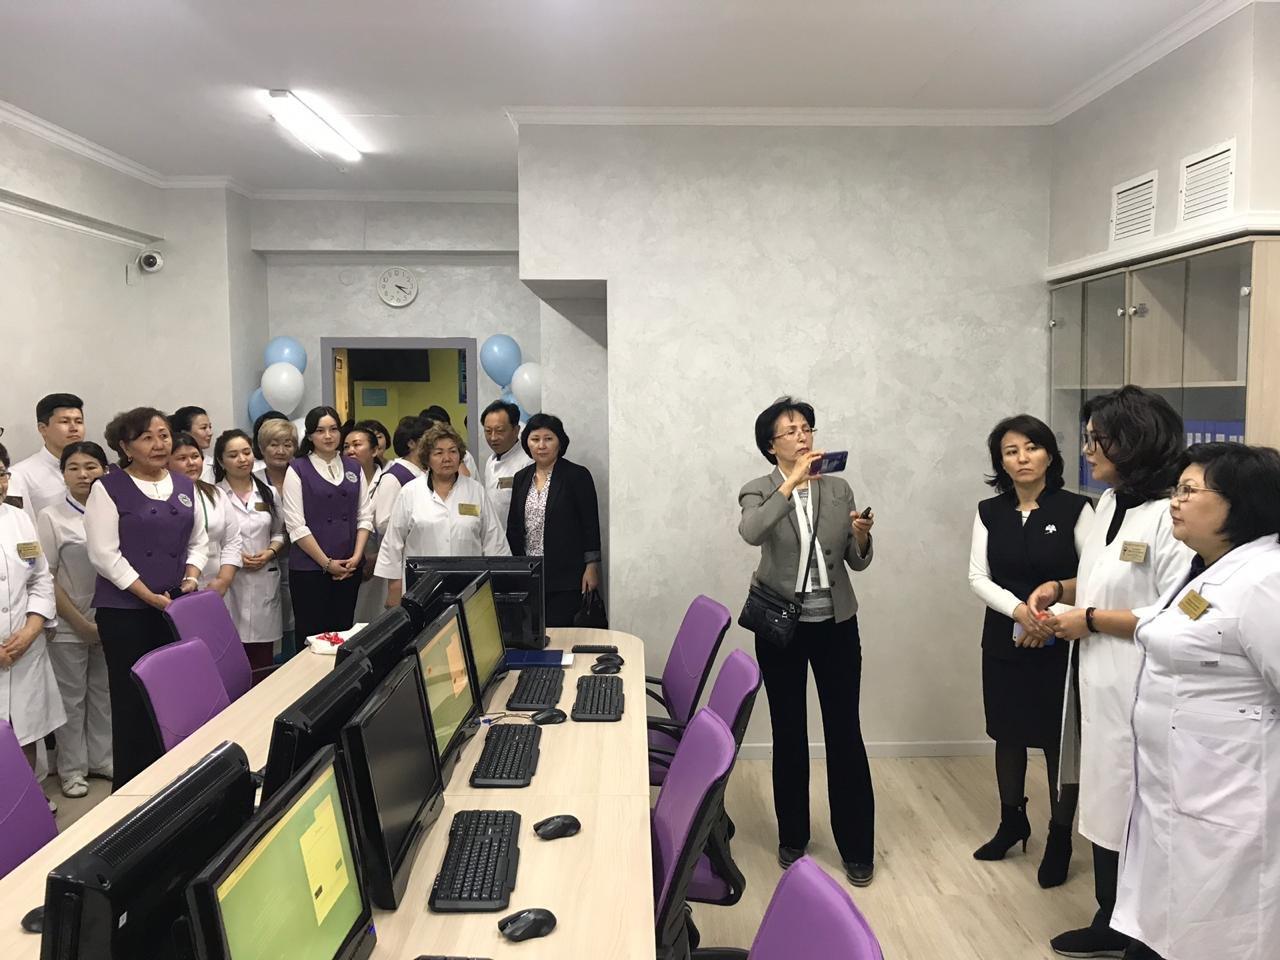 В поликлинике Алматы создали ситуационный центр, фото-2